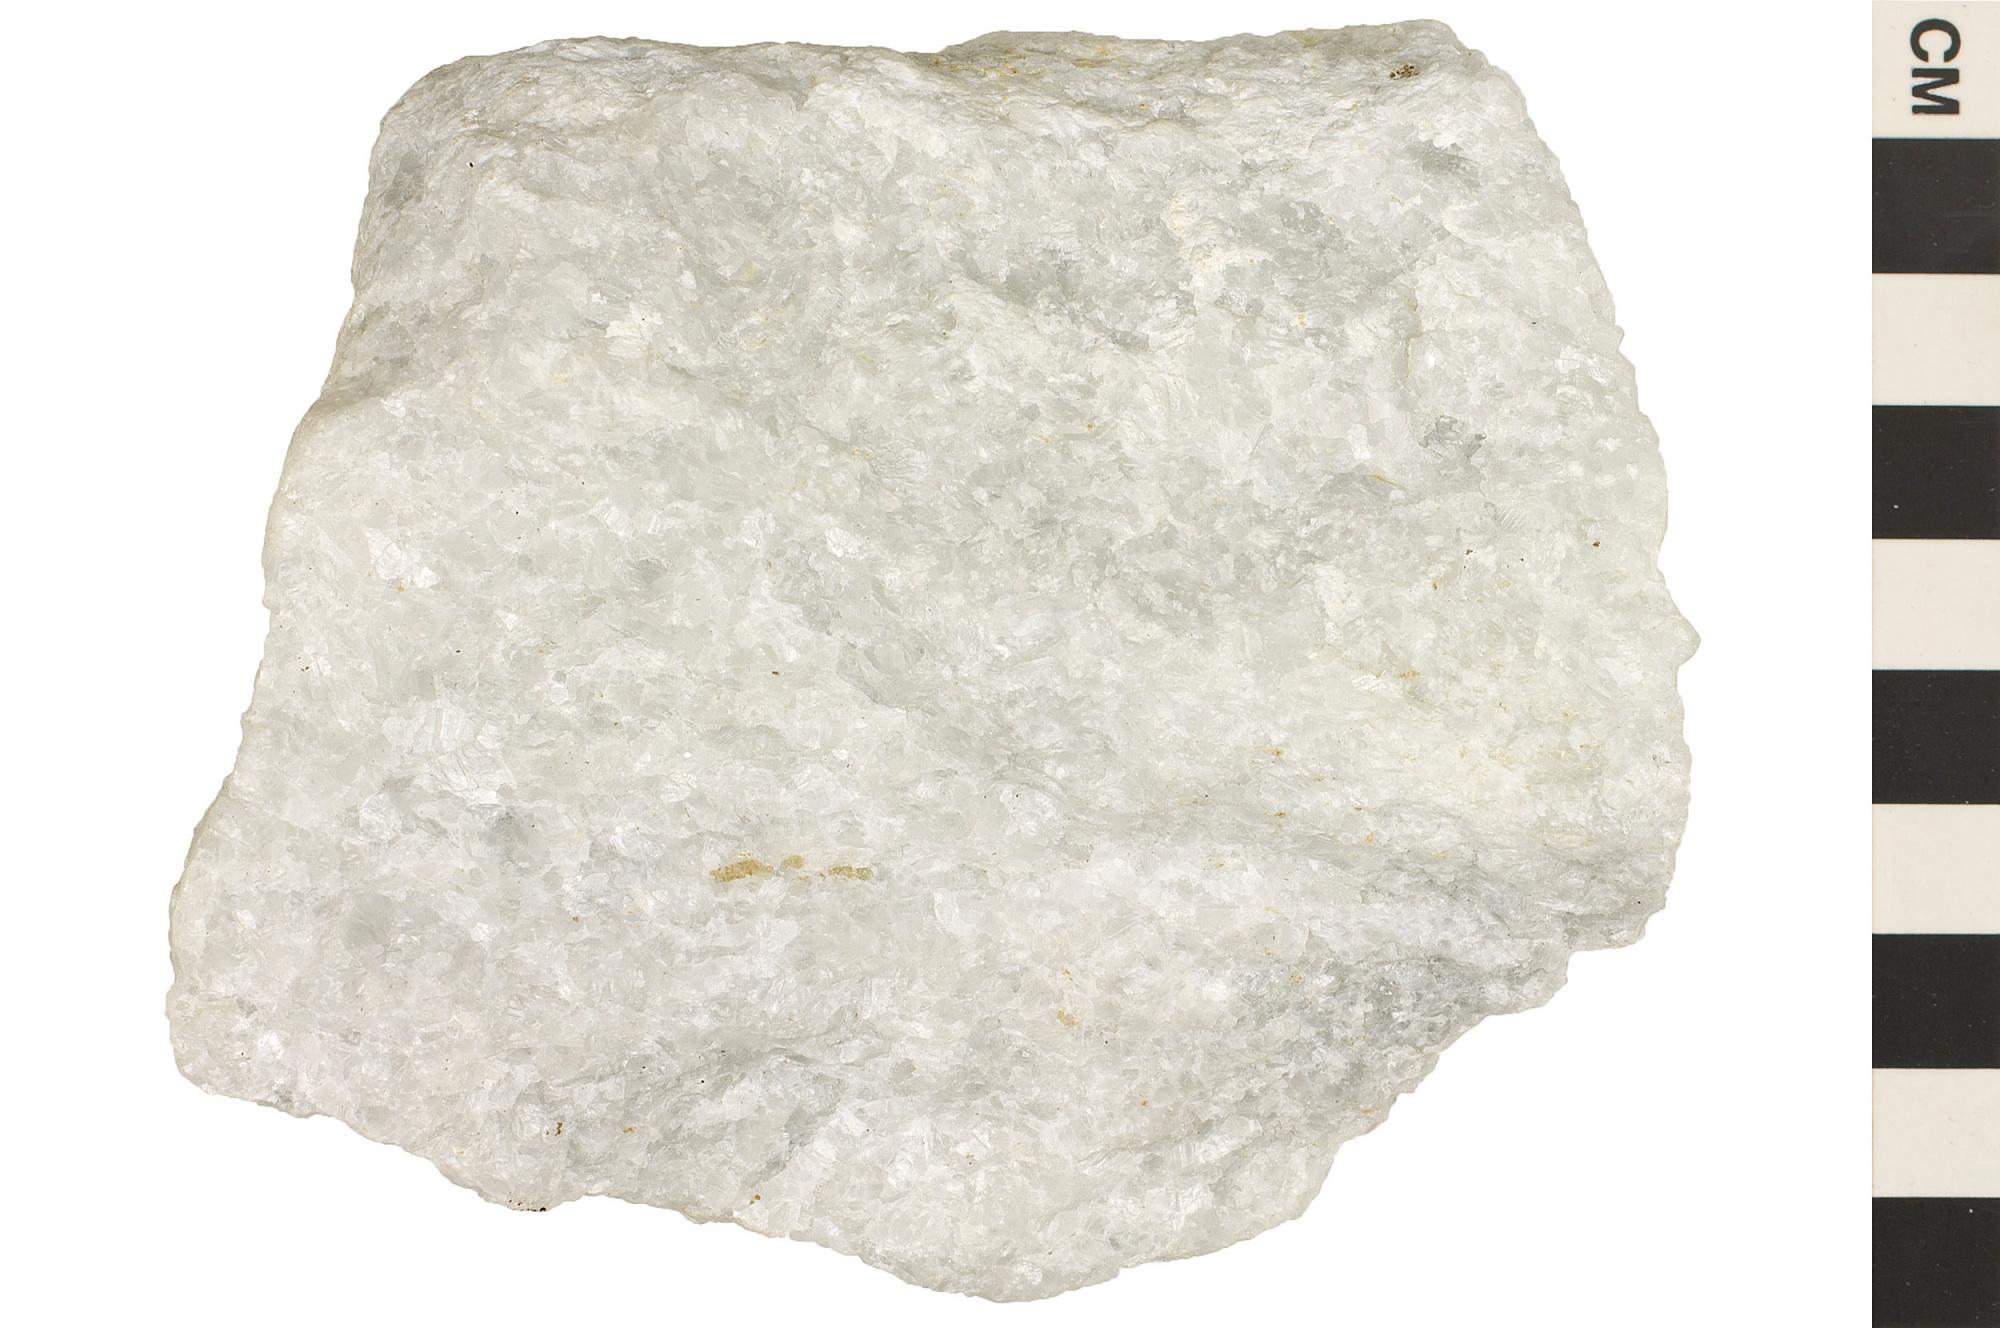 Marble Metamorphic Rock : Metamorphic rock marble q rius